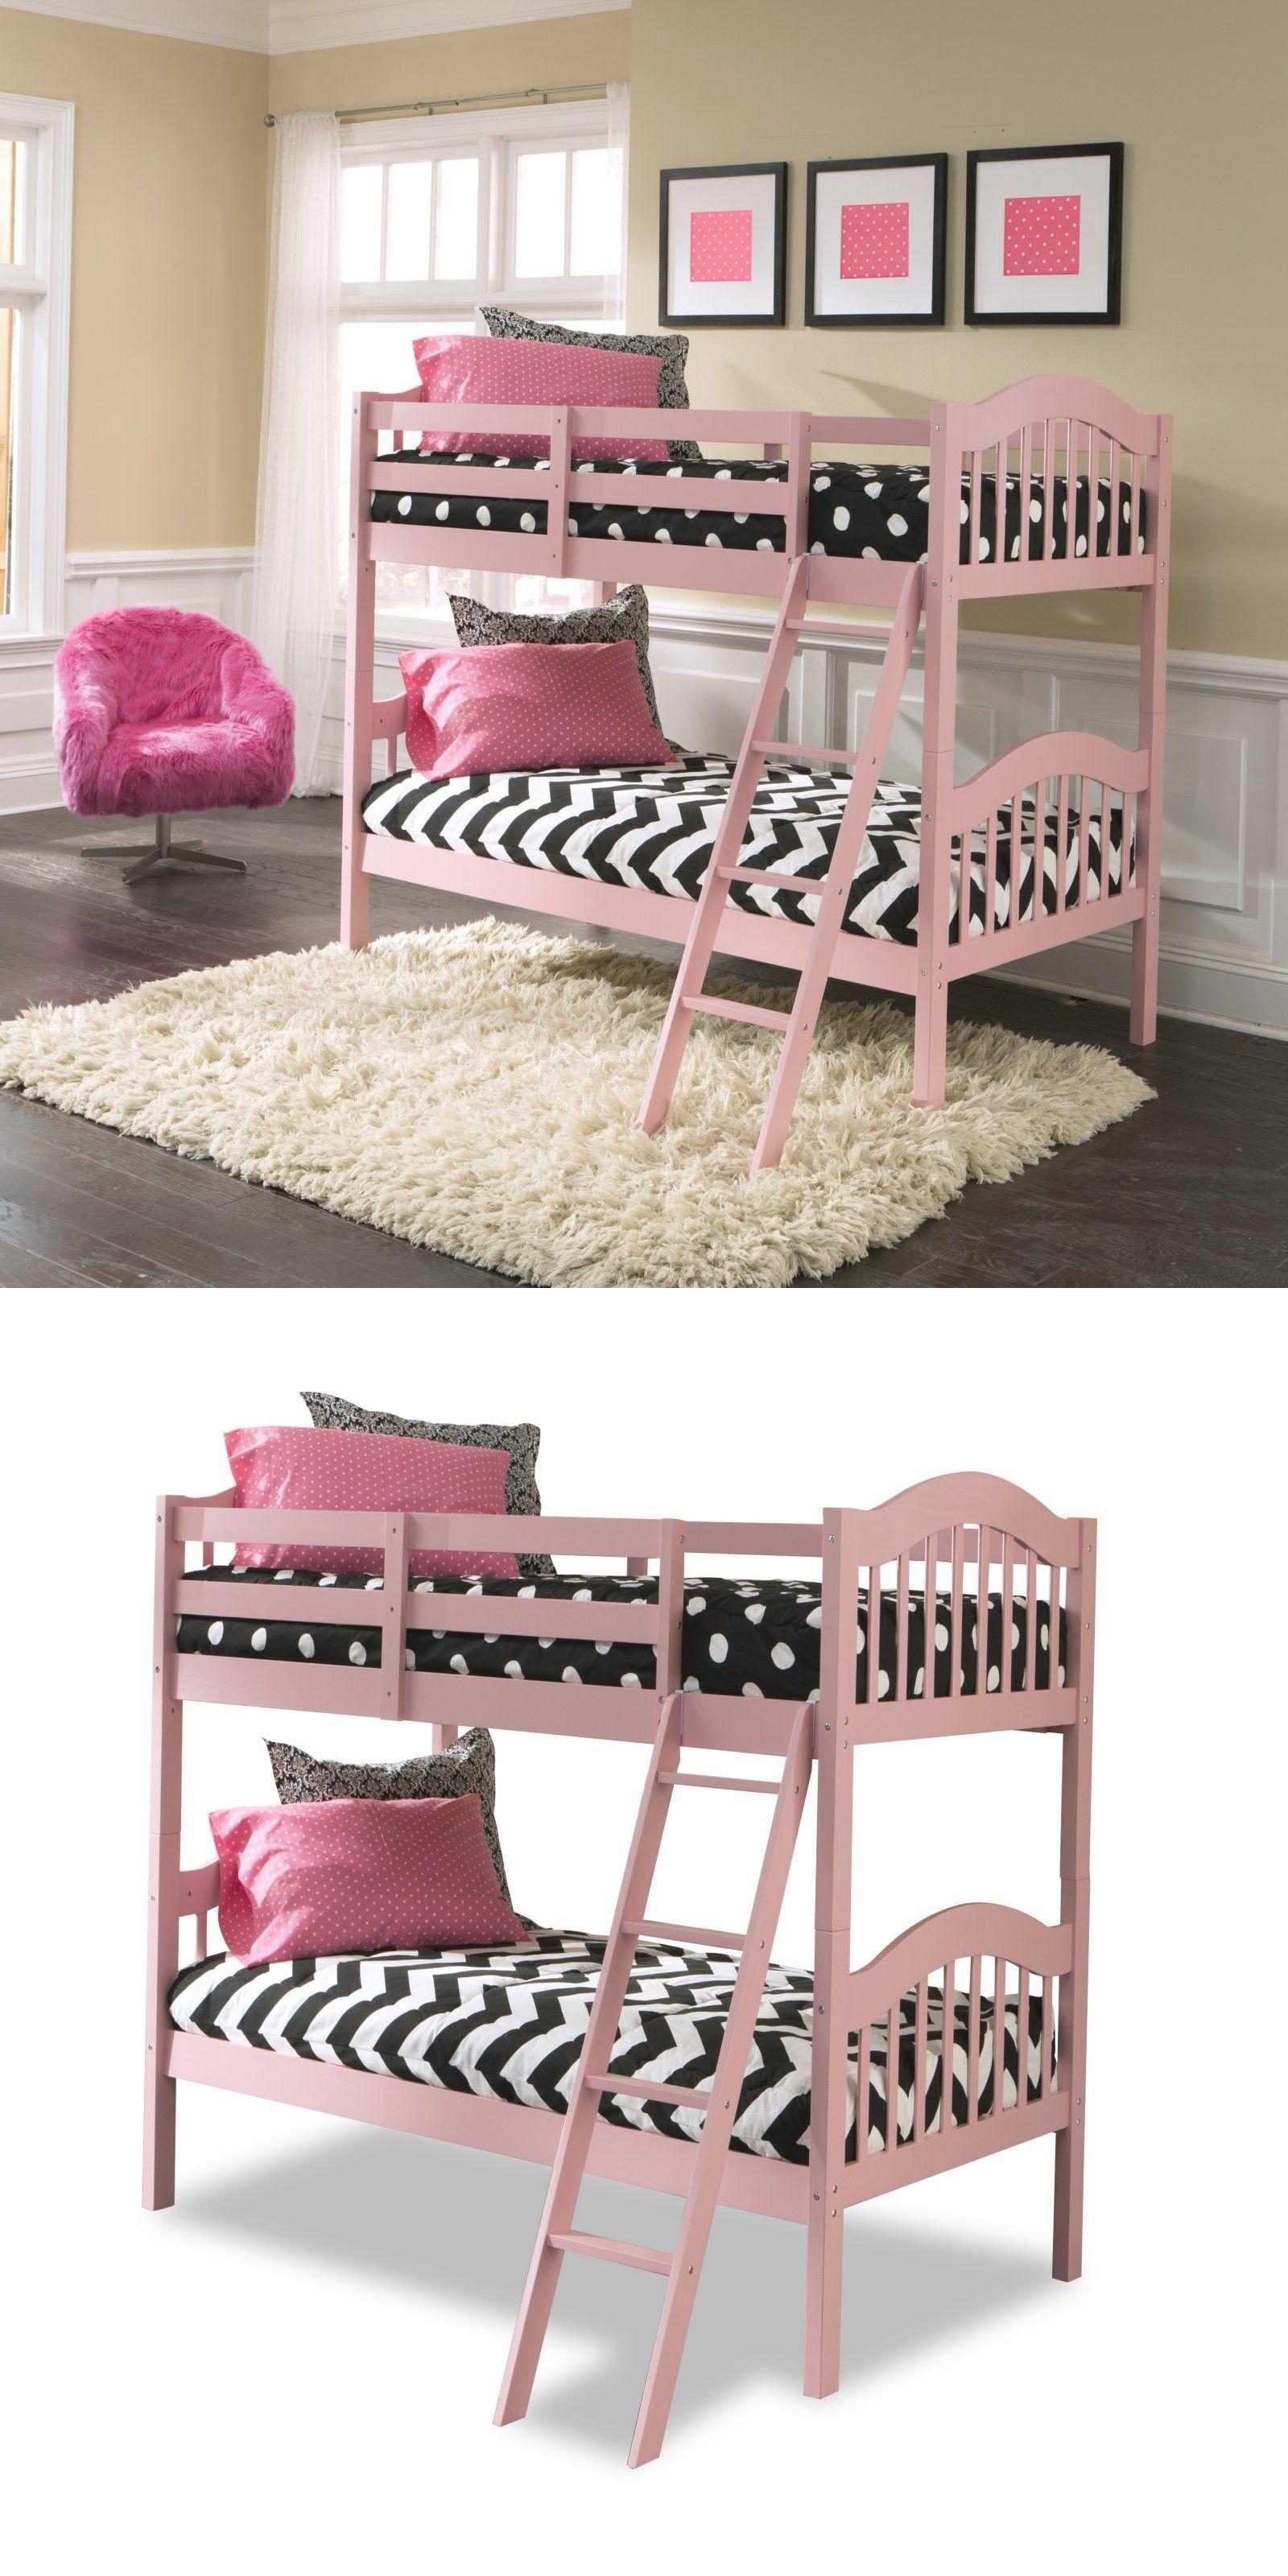 Bedroom Furniture 66742 Pink Bunk Bed Beds For Girls Kids Bedroom